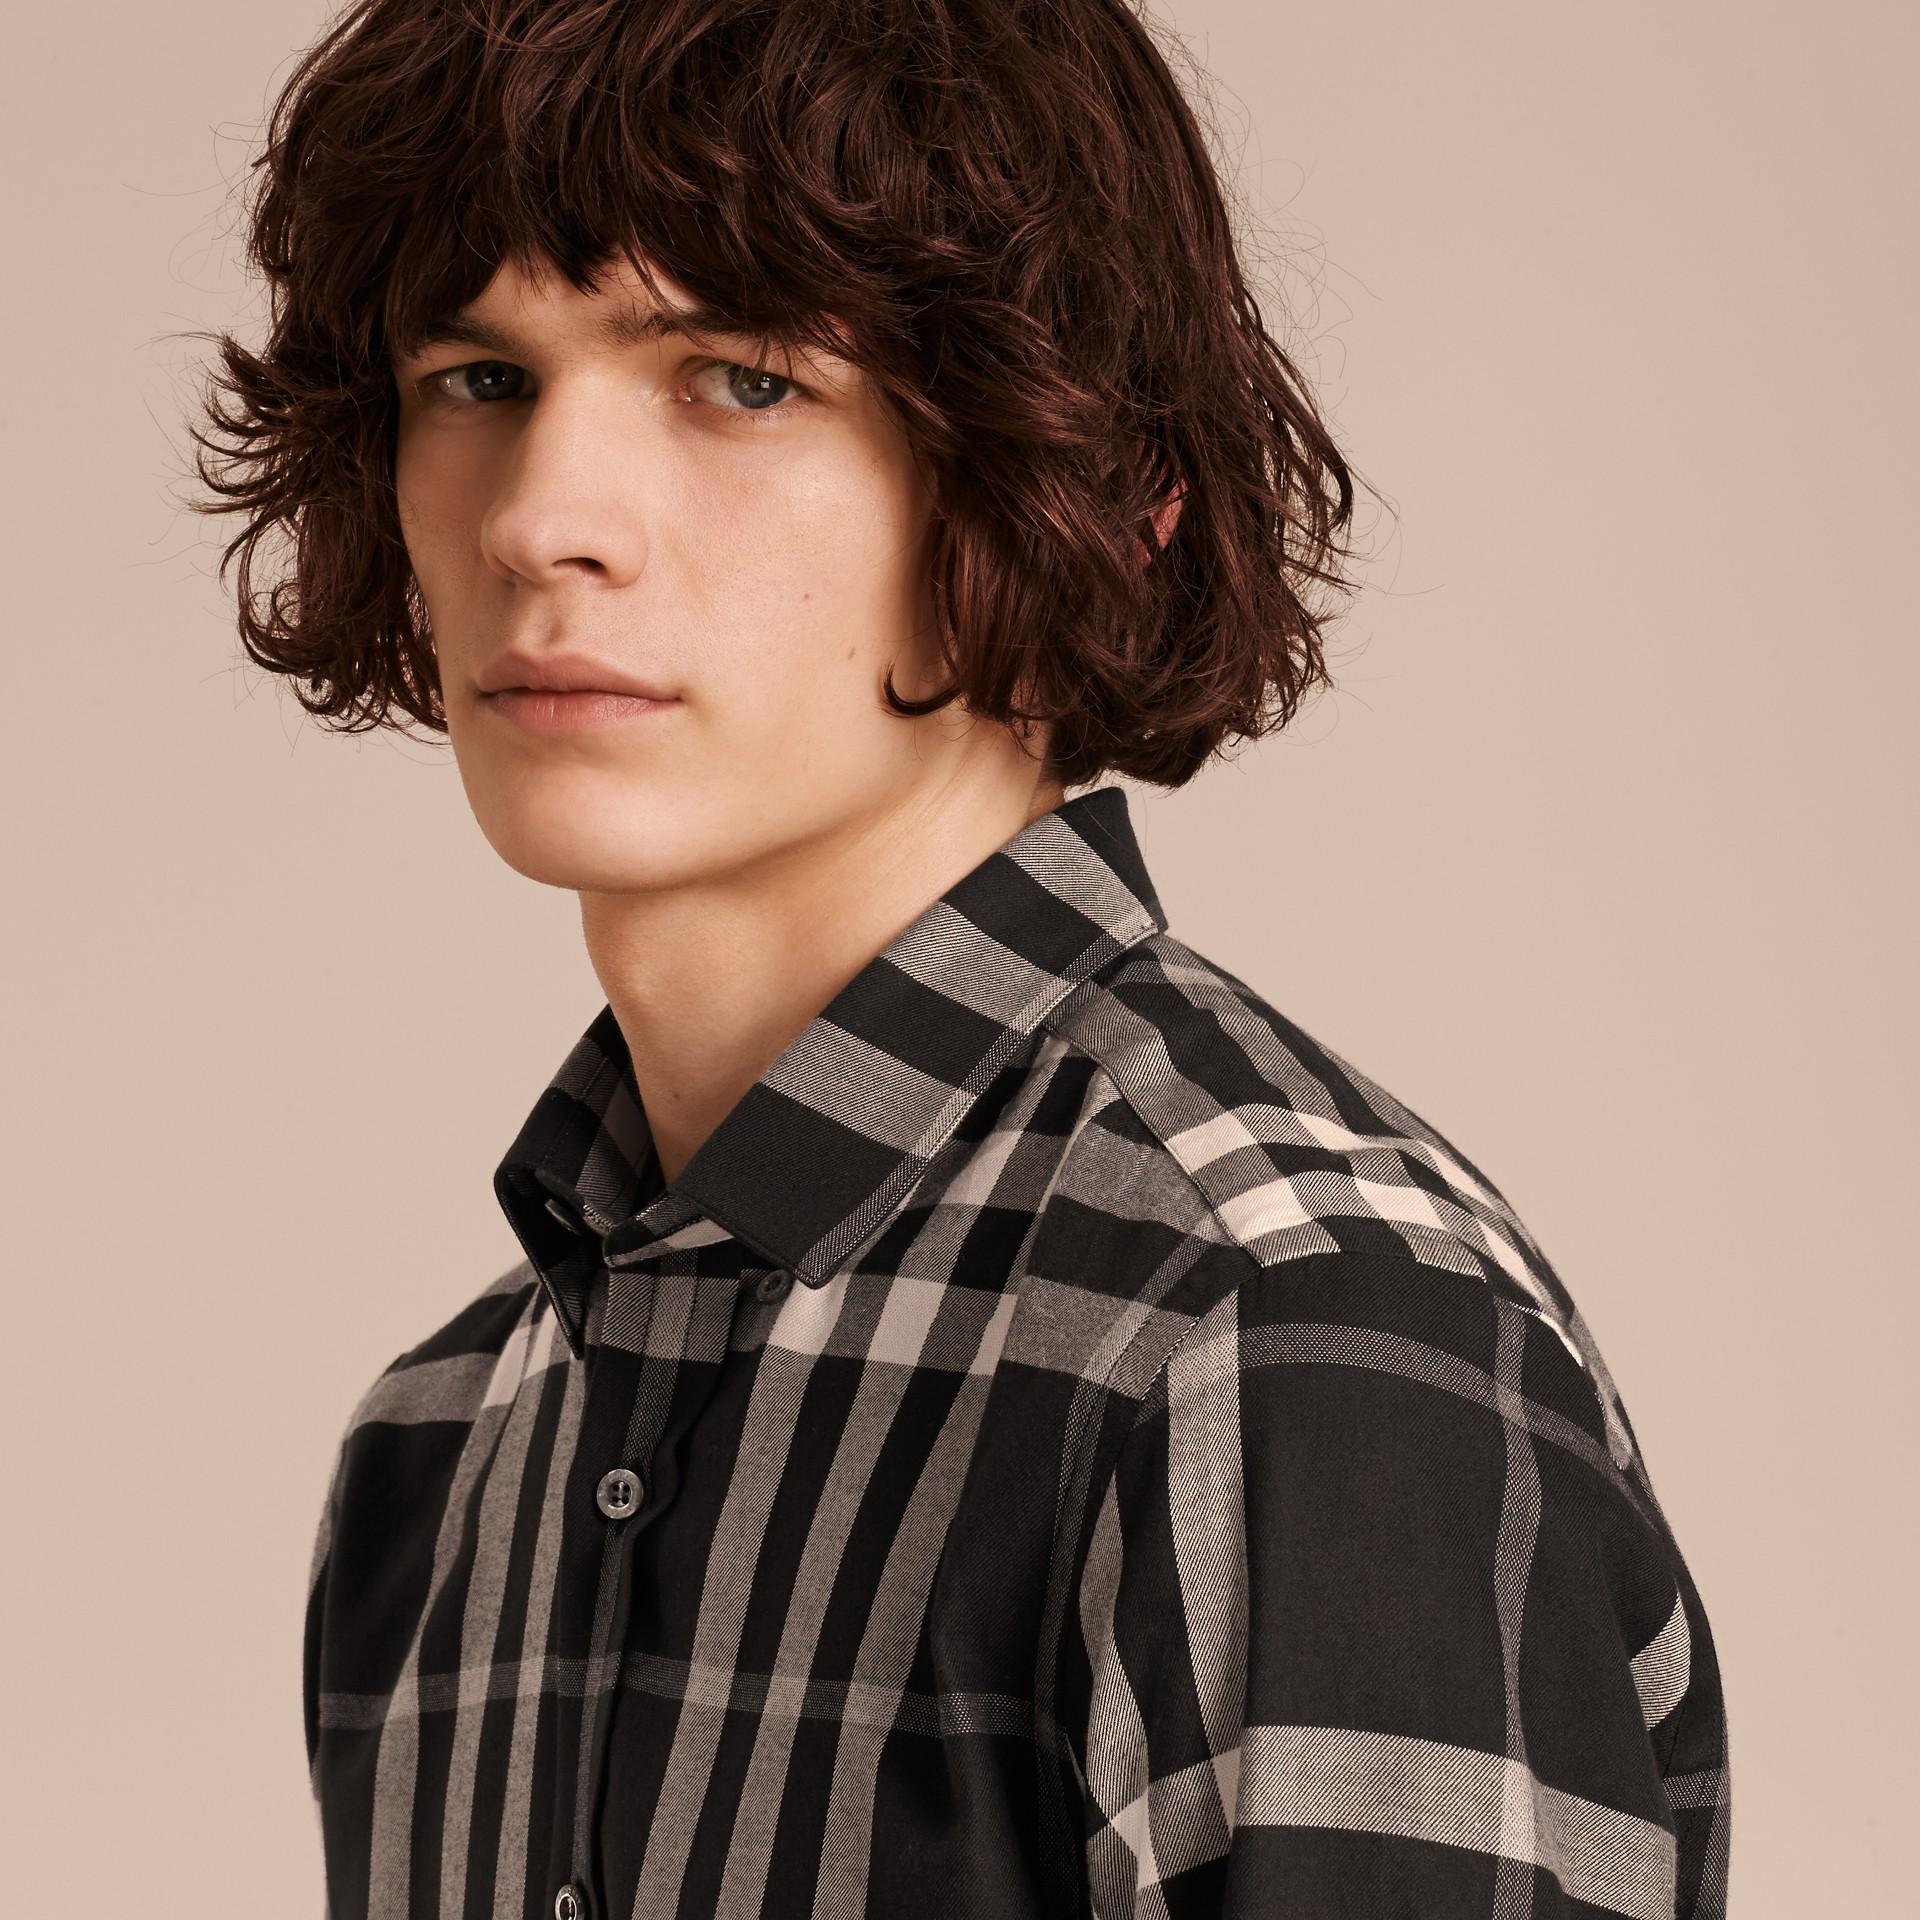 Negro Camisa a cuadros en franela de algodón y cachemir Negro - imagen de la galería 5